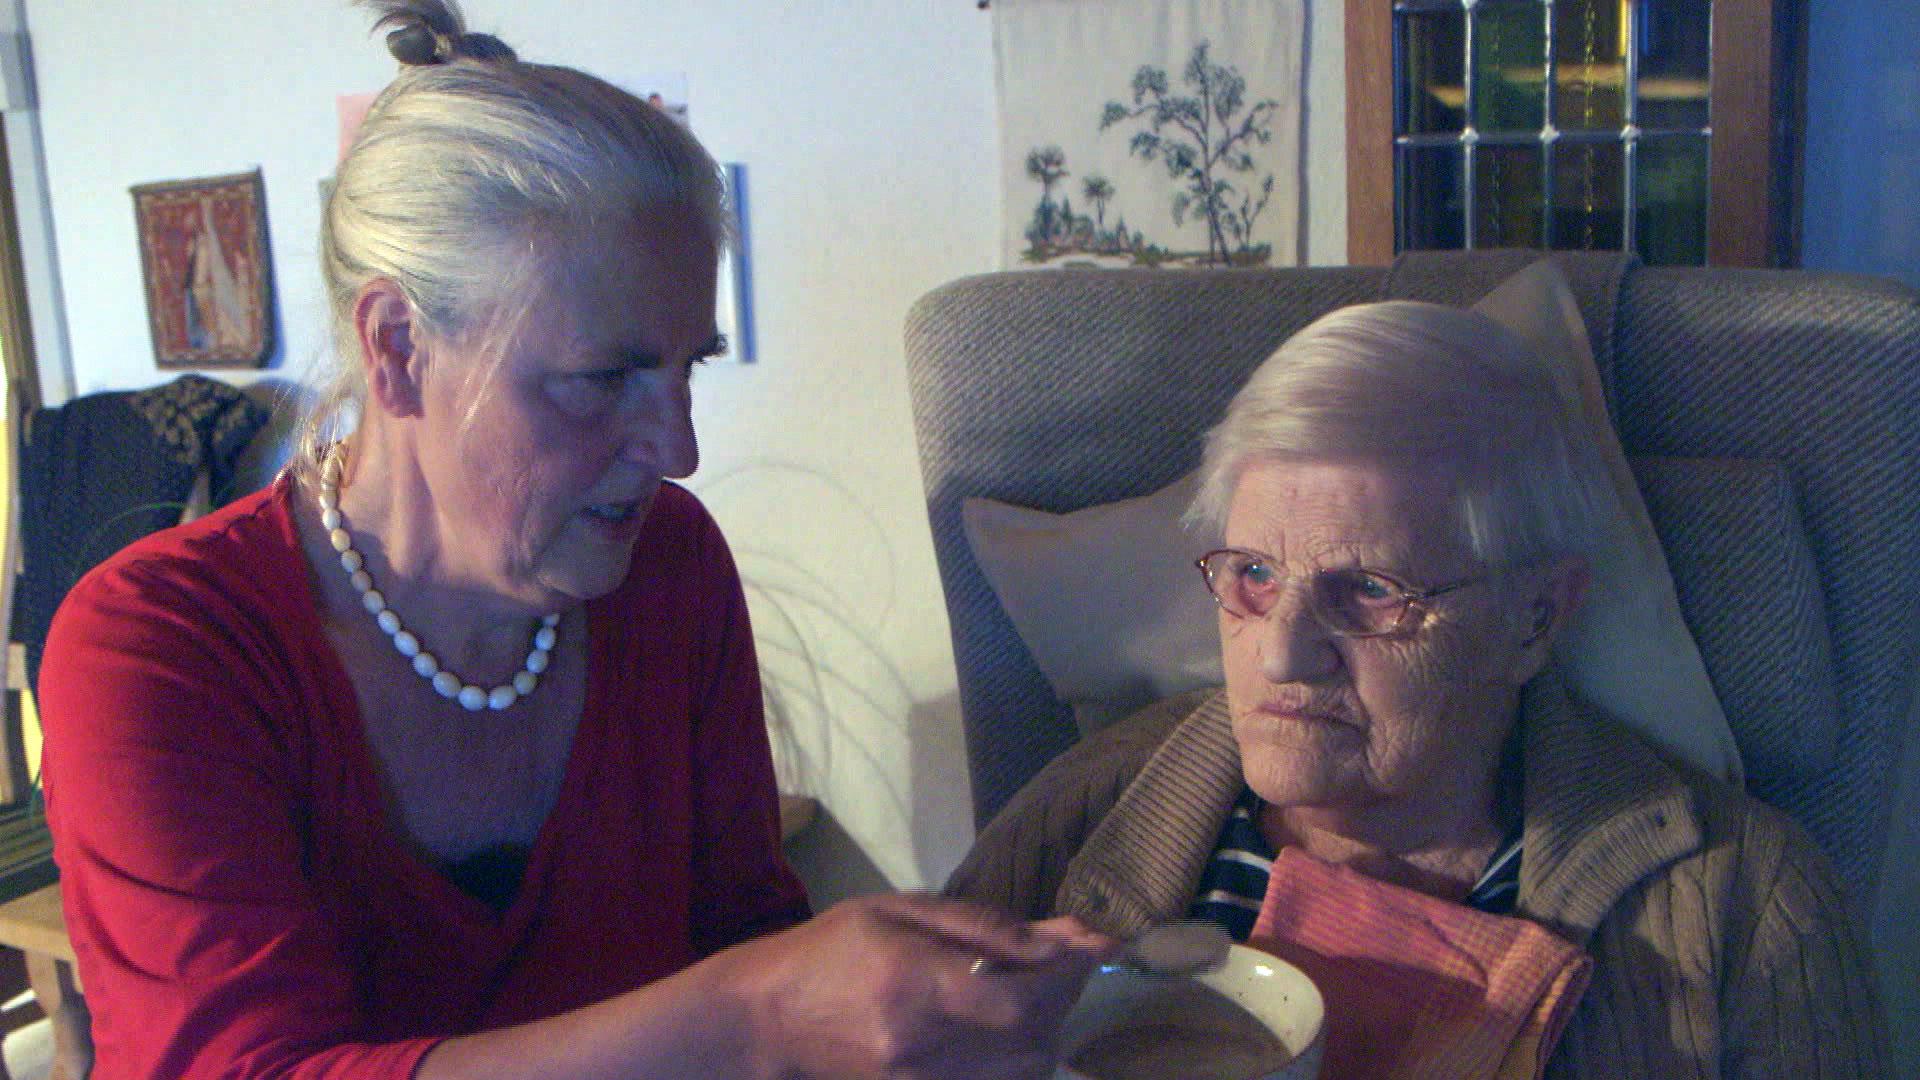 Mette må droppe ferie og fødselsdage for at passe sin 90-årige mor | Indland | DR